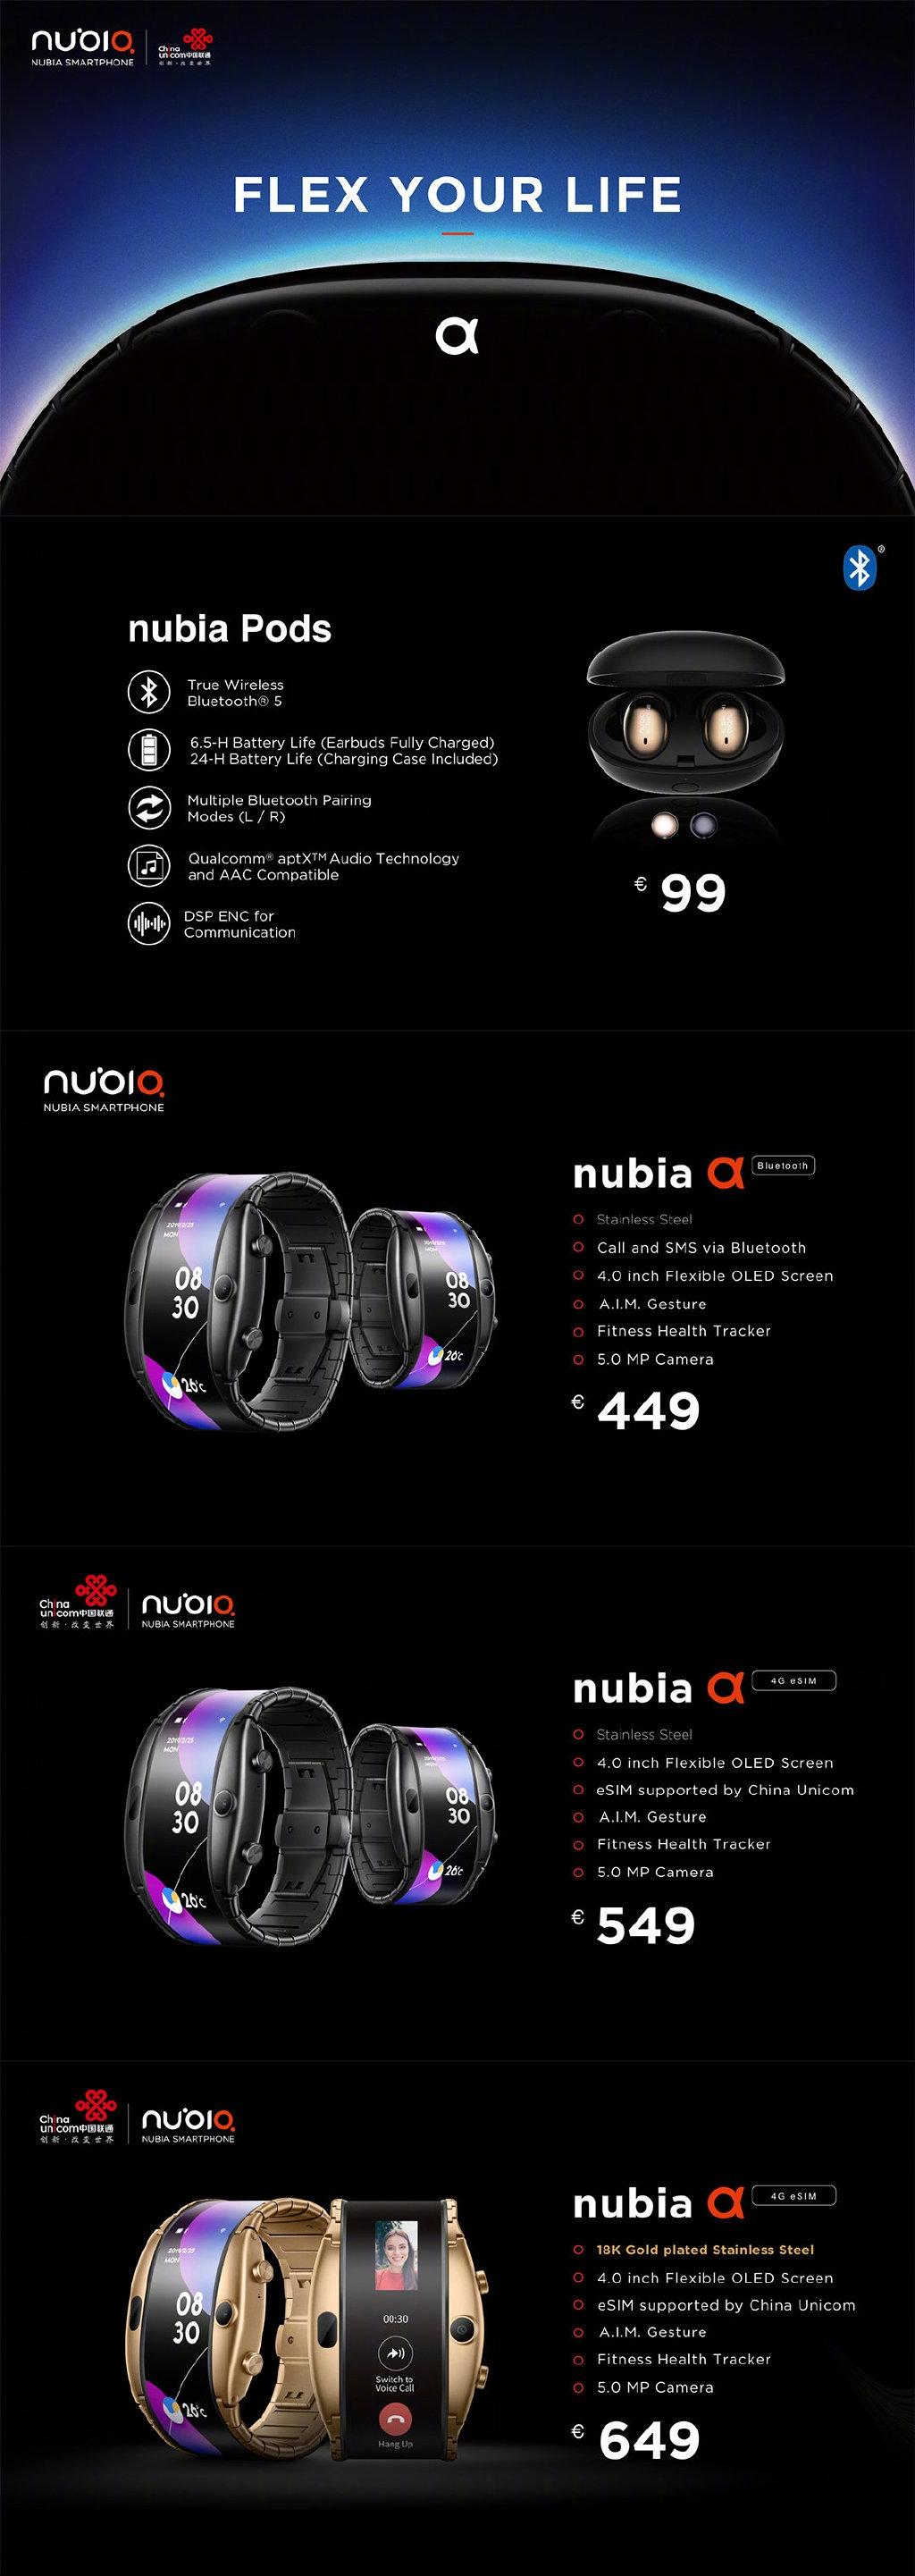 老牌厂商努比亚再发两款新品,柔性屏设备努比亚α太吸睛